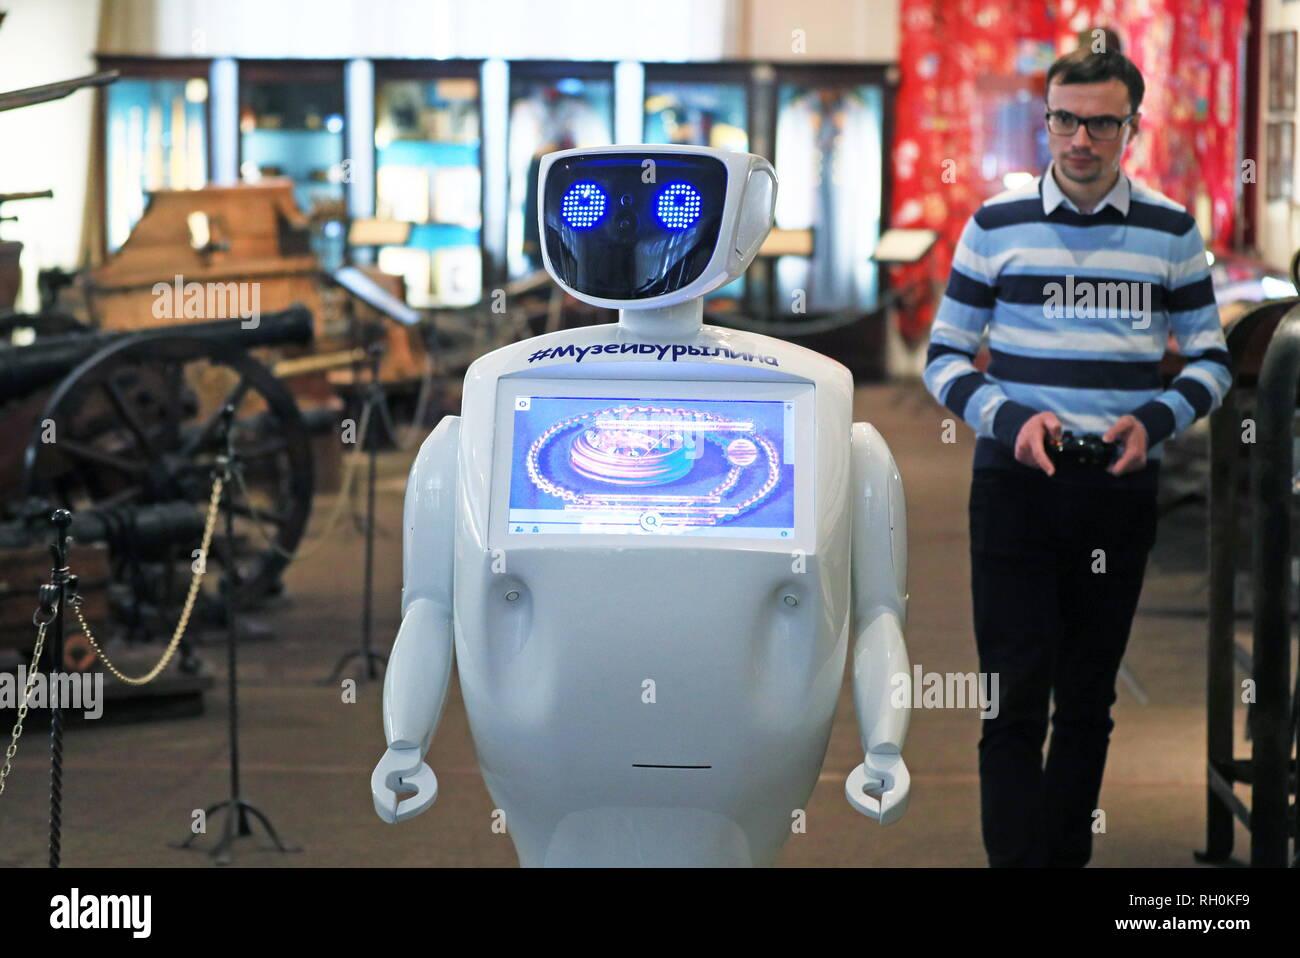 Ivanovo, Russie. Jan 31, 2019. IVANOVO, RUSSIE - 31 janvier 2019: Promobot V.2 robot nommé Mitya interactive musée (mate) exerce les fonctions d'administrateur et Navigator à l'Ivanovo Musée de l'industrie et l'art. Le robot créé par la société Promobot Perm a été acheté par le musée de donner accès aux œuvres d'art pour les personnes handicapées. Vladimir Smirnov/crédit: TASS ITAR-TASS News Agency/Alamy Live News Photo Stock